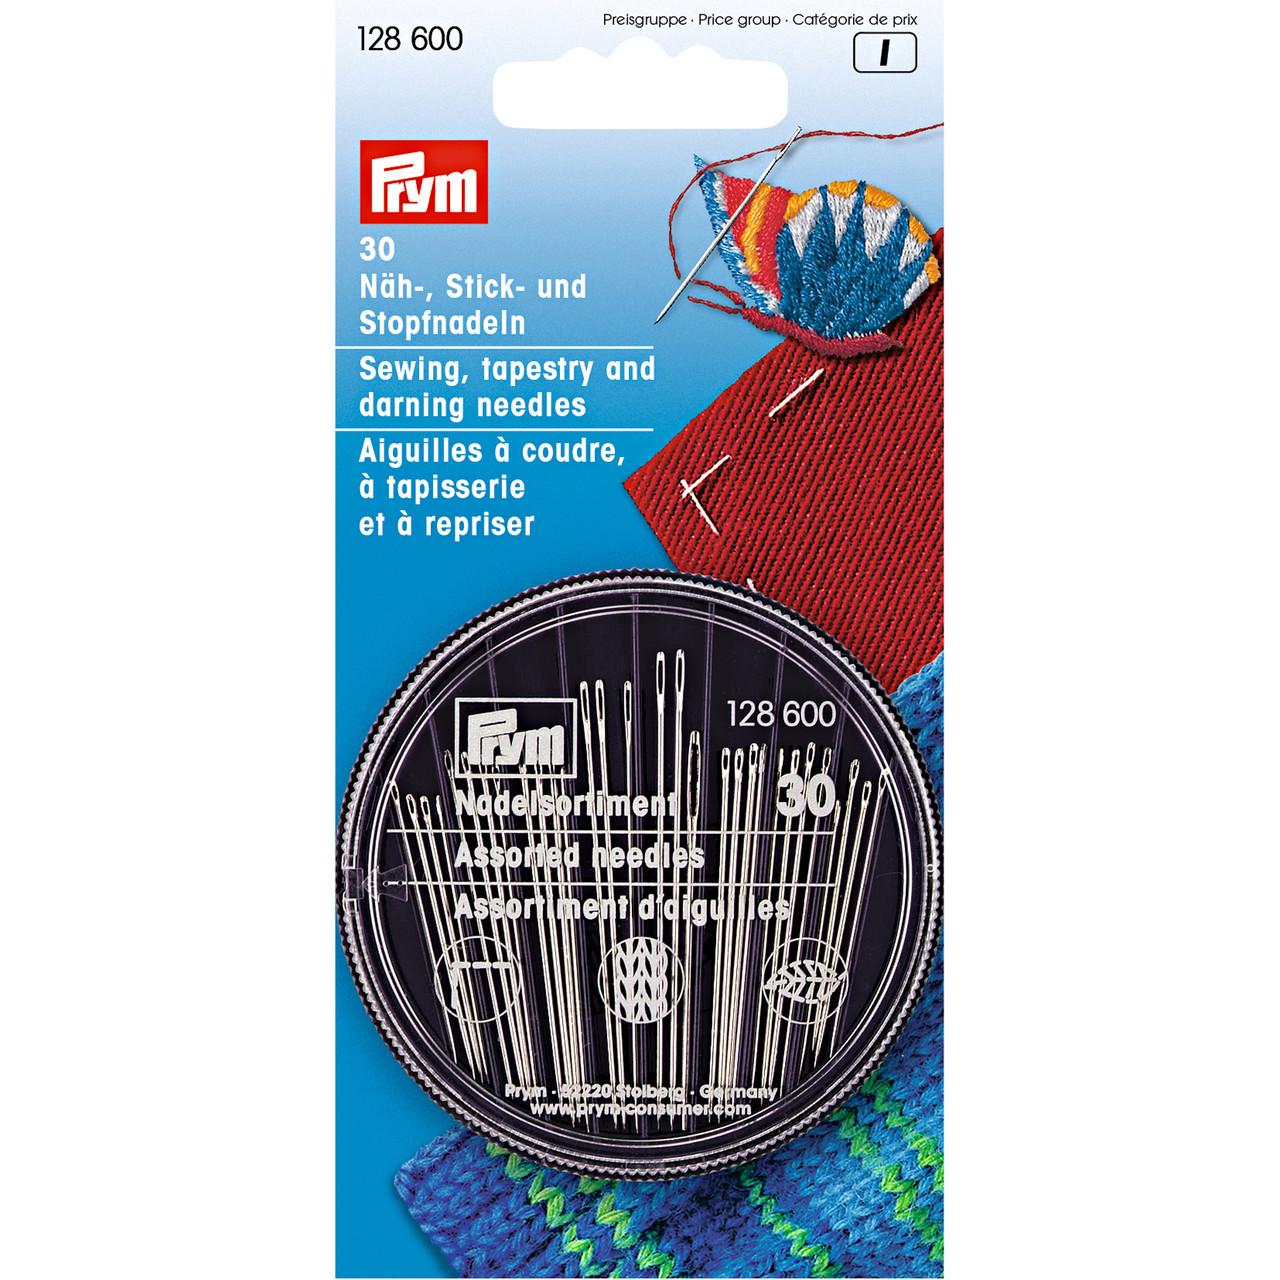 Иглы Prym 128600 швейные для шитья, вышивки и штопки, 30 шт.